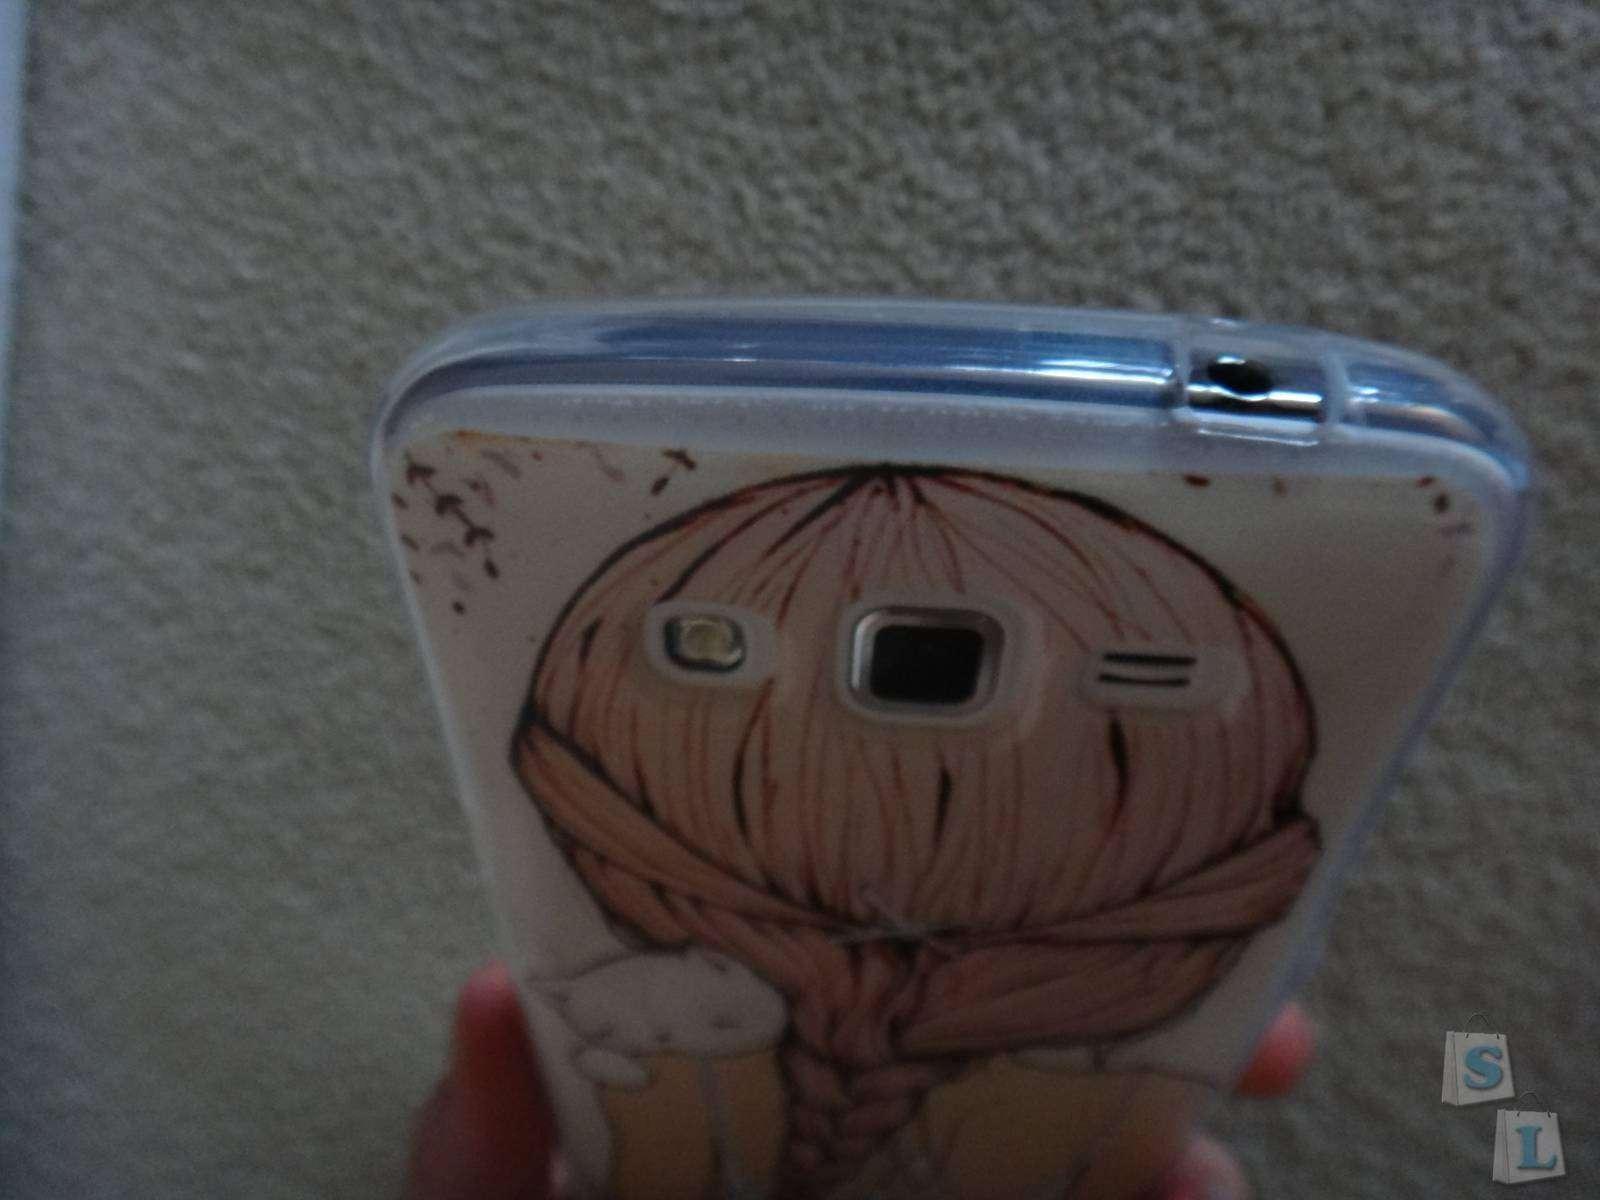 Aliexpress: Обзор силиконового чехла на  телефон Samsung Grand2 Duos